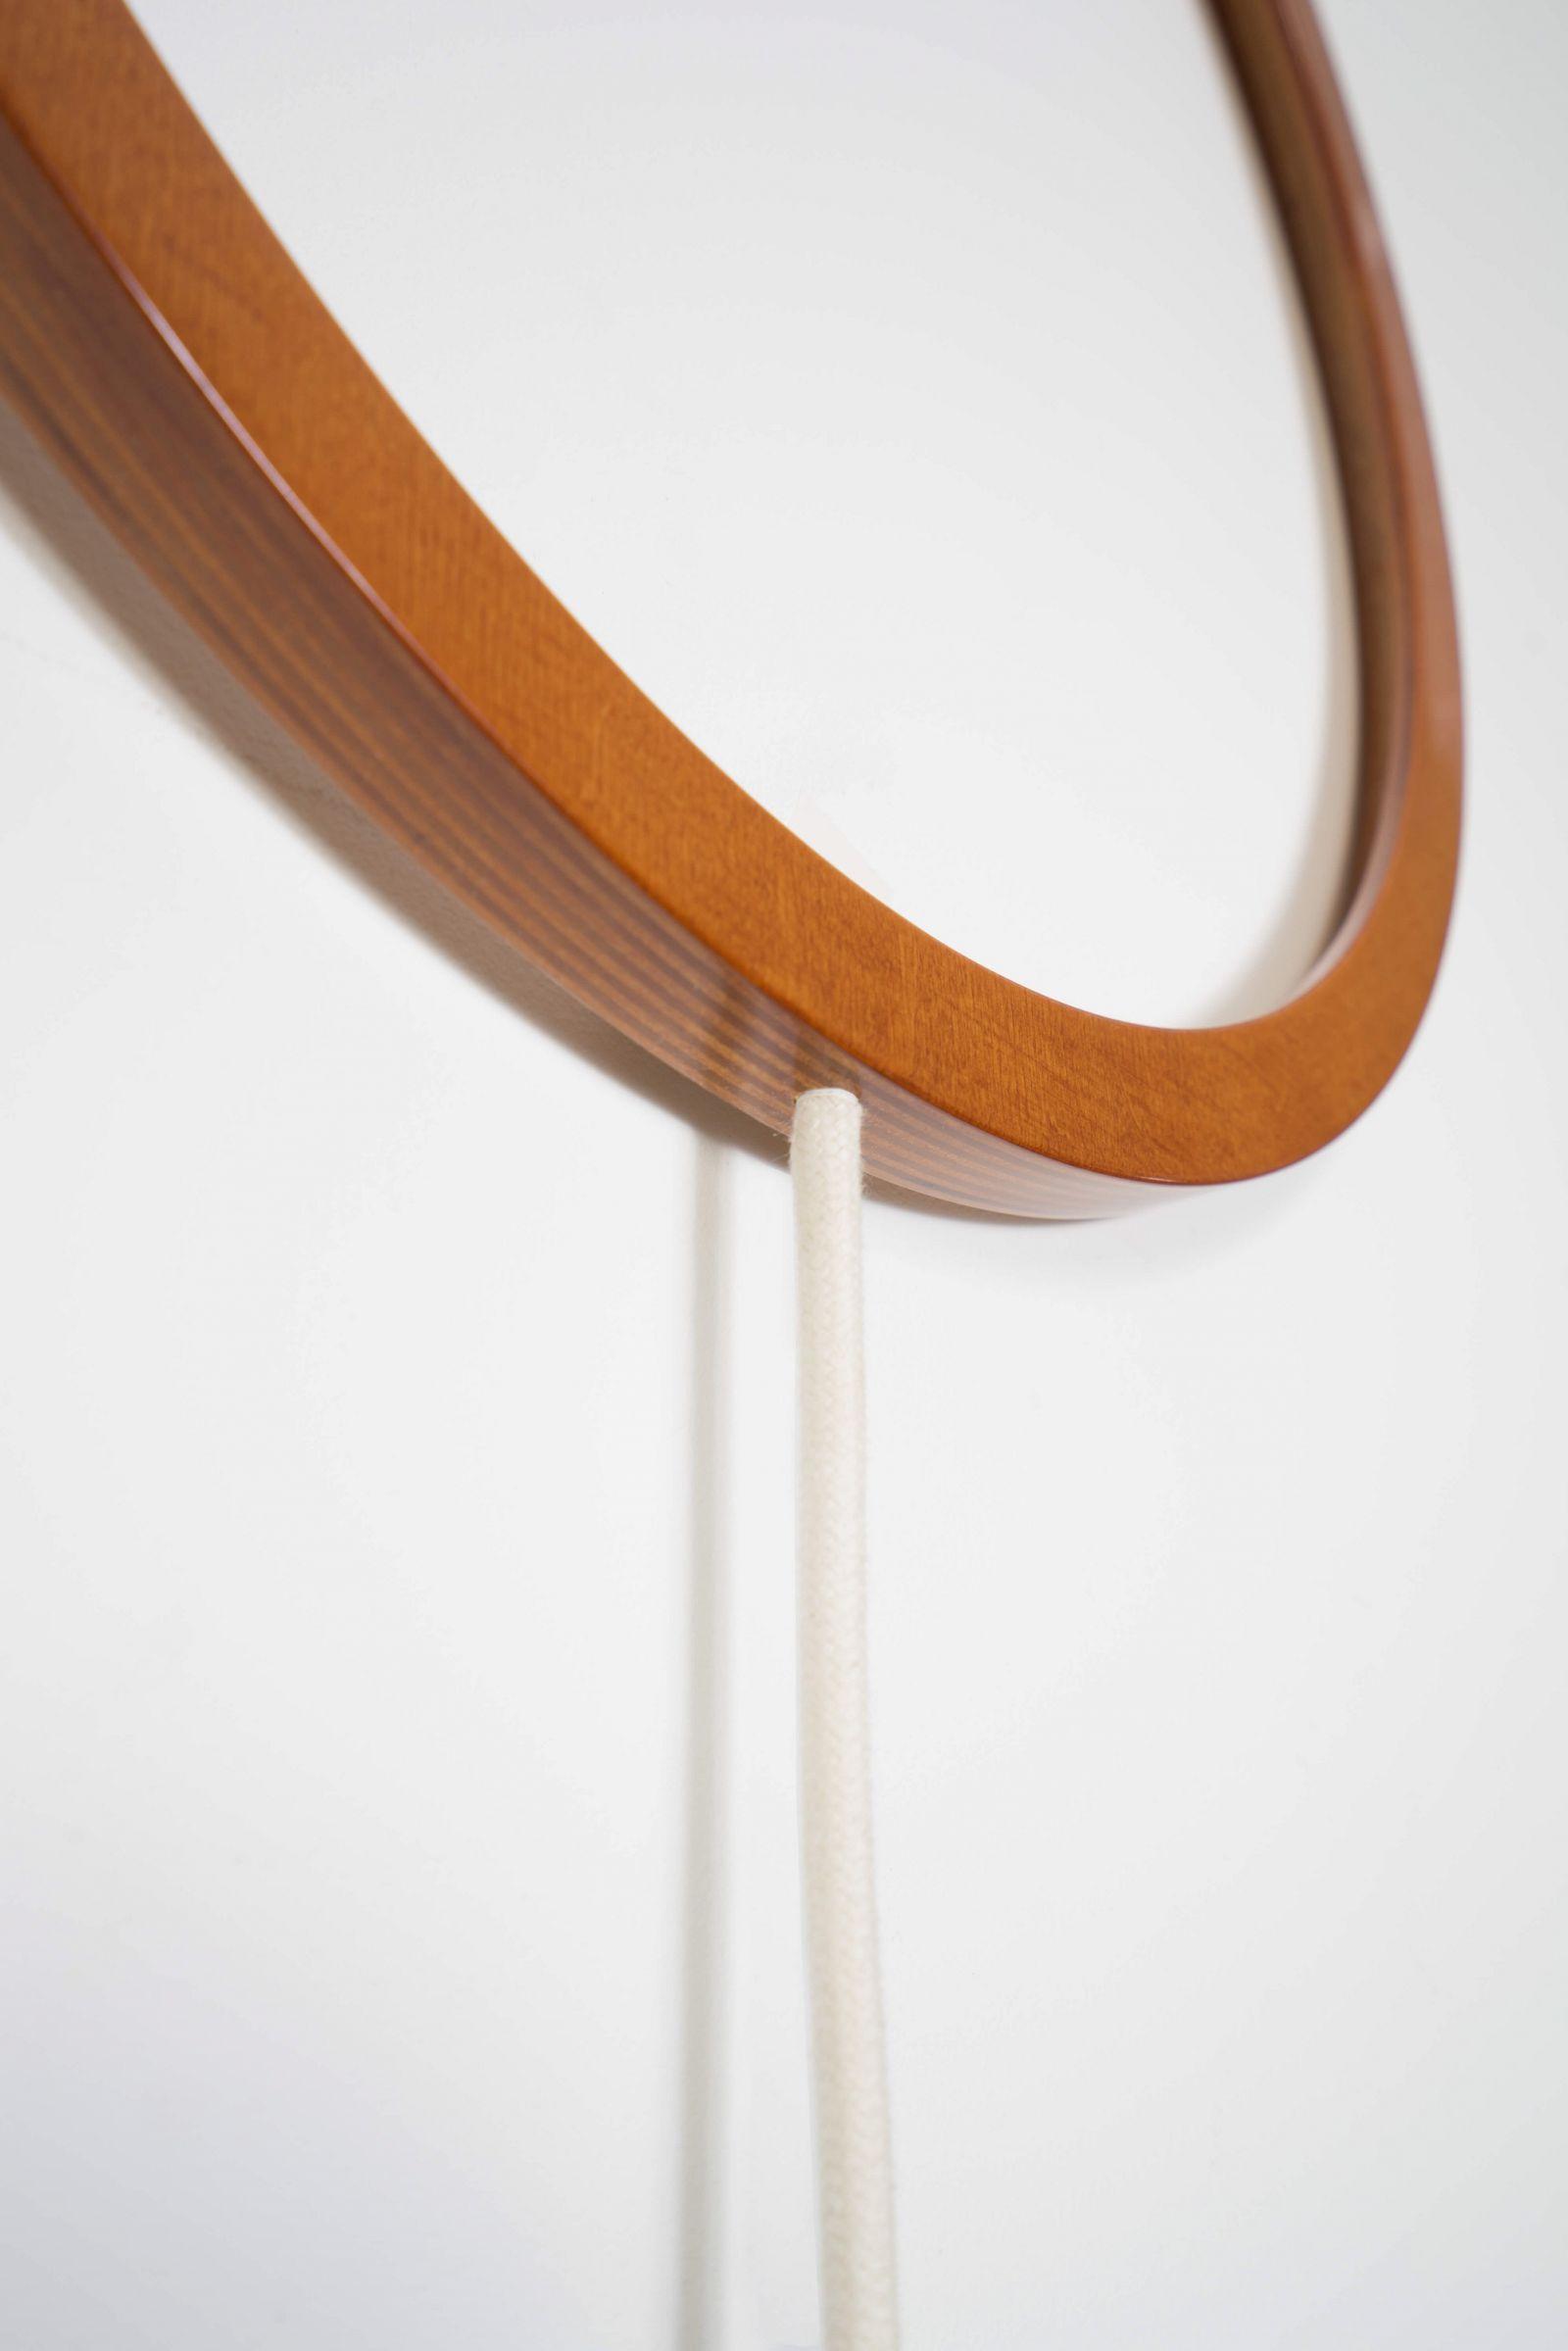 Lampa ścienna Duże- Thło w kolorze brązowym detal